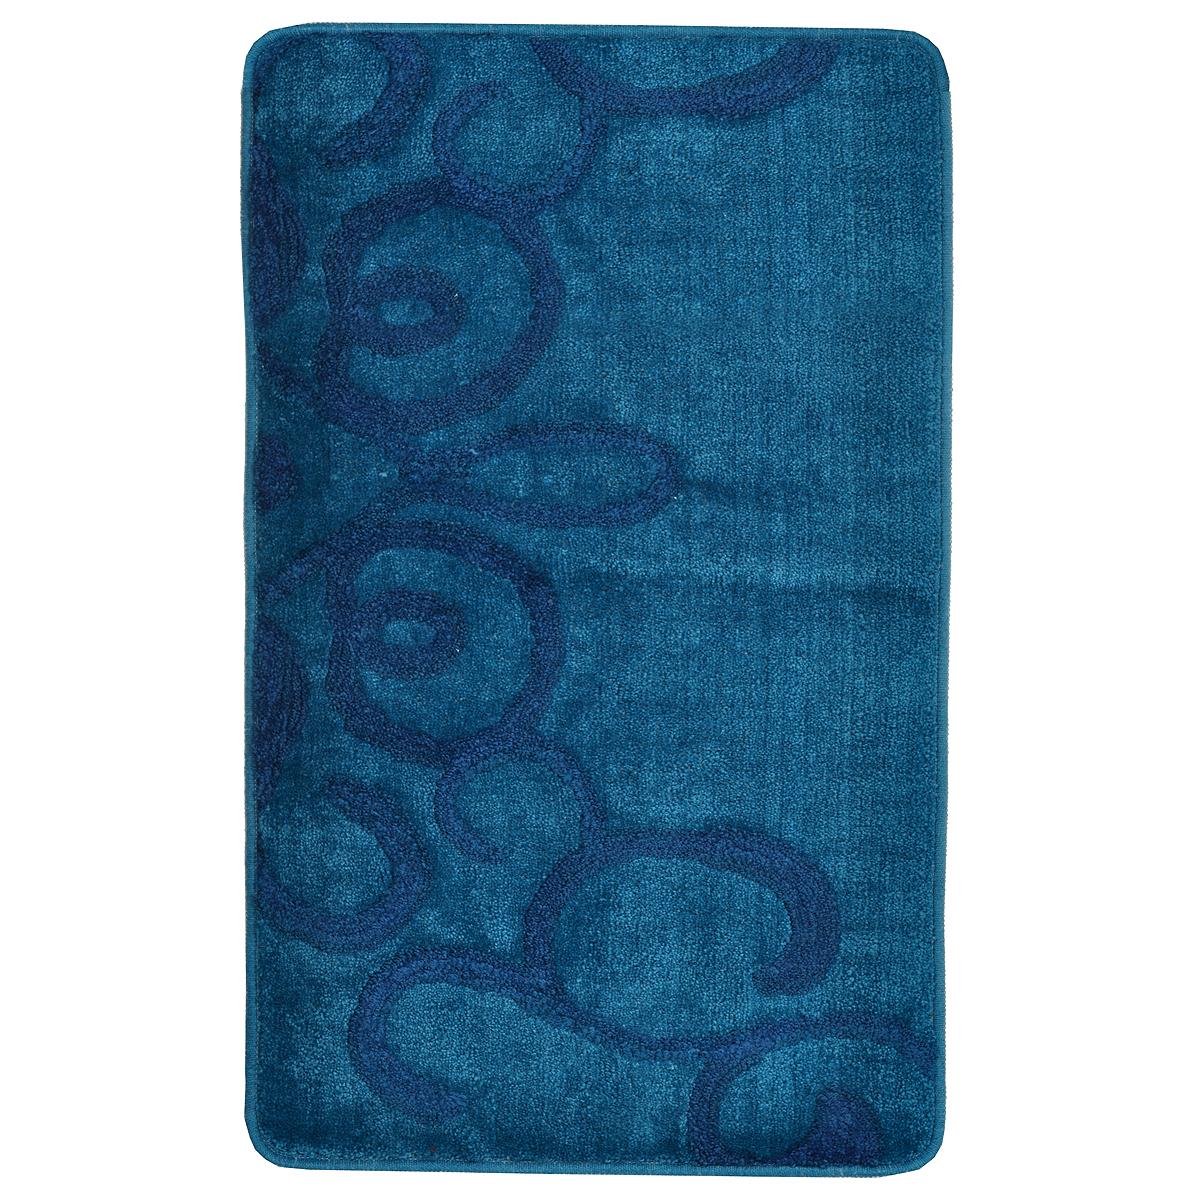 Коврик для ванной комнаты Milardo Fairyland Blue, 50 х 80 см 473PA58M12473PA58M12Коврик для ванной комнаты Milardo Fairyland выполнен из 90% полиэстера и 10% акрила - мягкого и износостойкого материала, который быстро сохнет. Мягкий и приятный на ощупь коврик имеет латексную основу, благодаря которой он не скользит по полу. Края коврика обработаны оверлоком. Можно использовать на полу с подогревом. Коврик можно стирать в стиральной машине в щадящем режиме при температуре не выше 40°C отдельно от остального белья.